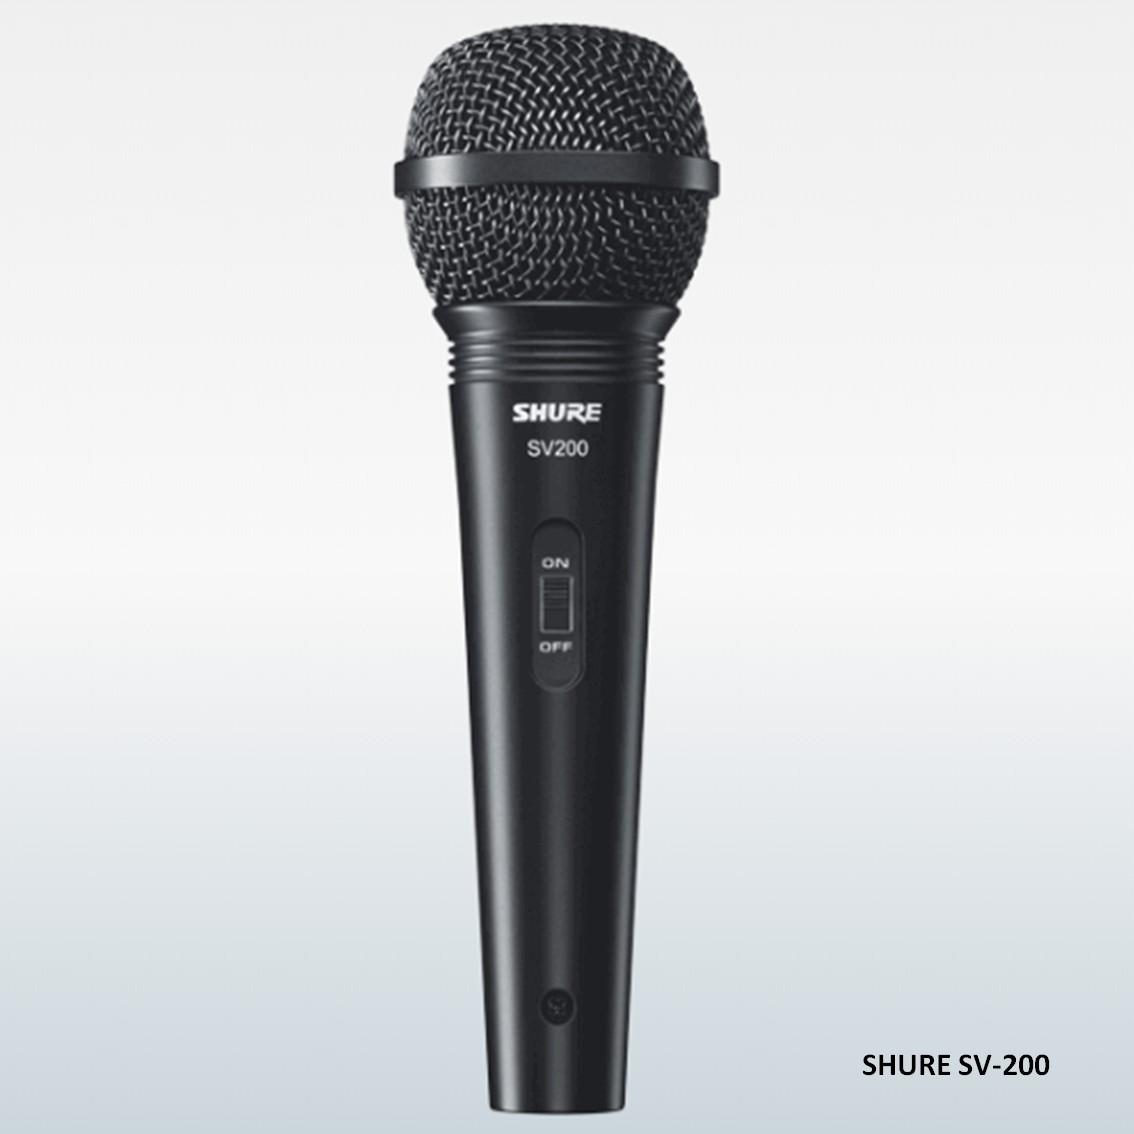 Imagem do produto Microfone Dinâmico de Mão Shure SV200